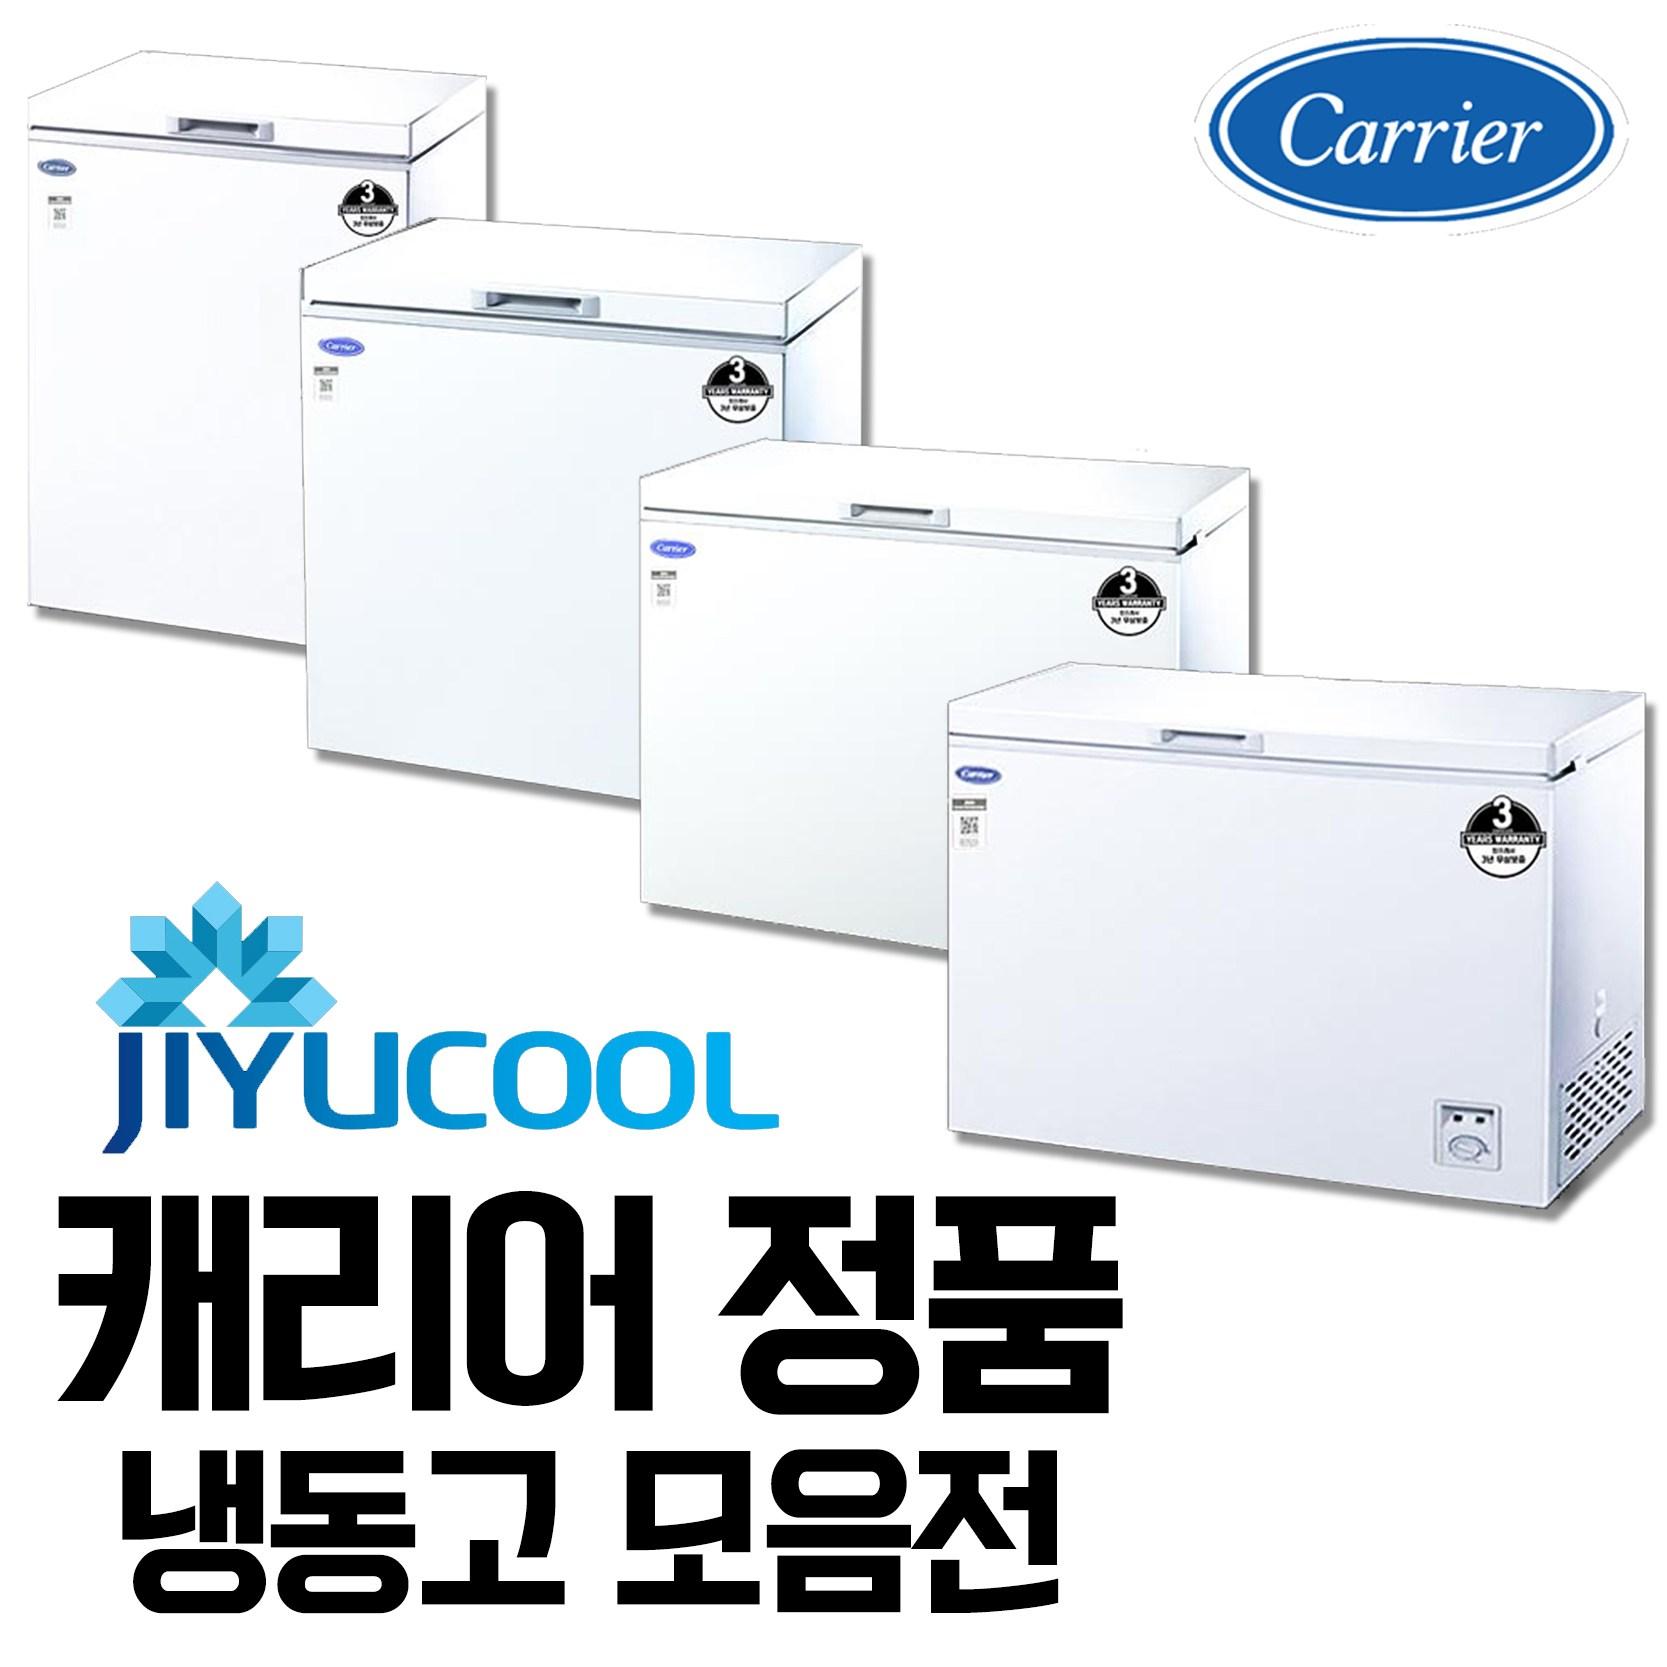 캐리어 정품 CSC냉동고 모음전/아이스크림/고기/해물/다목적냉동고, CSC-100FDWB (POP 2127934743)